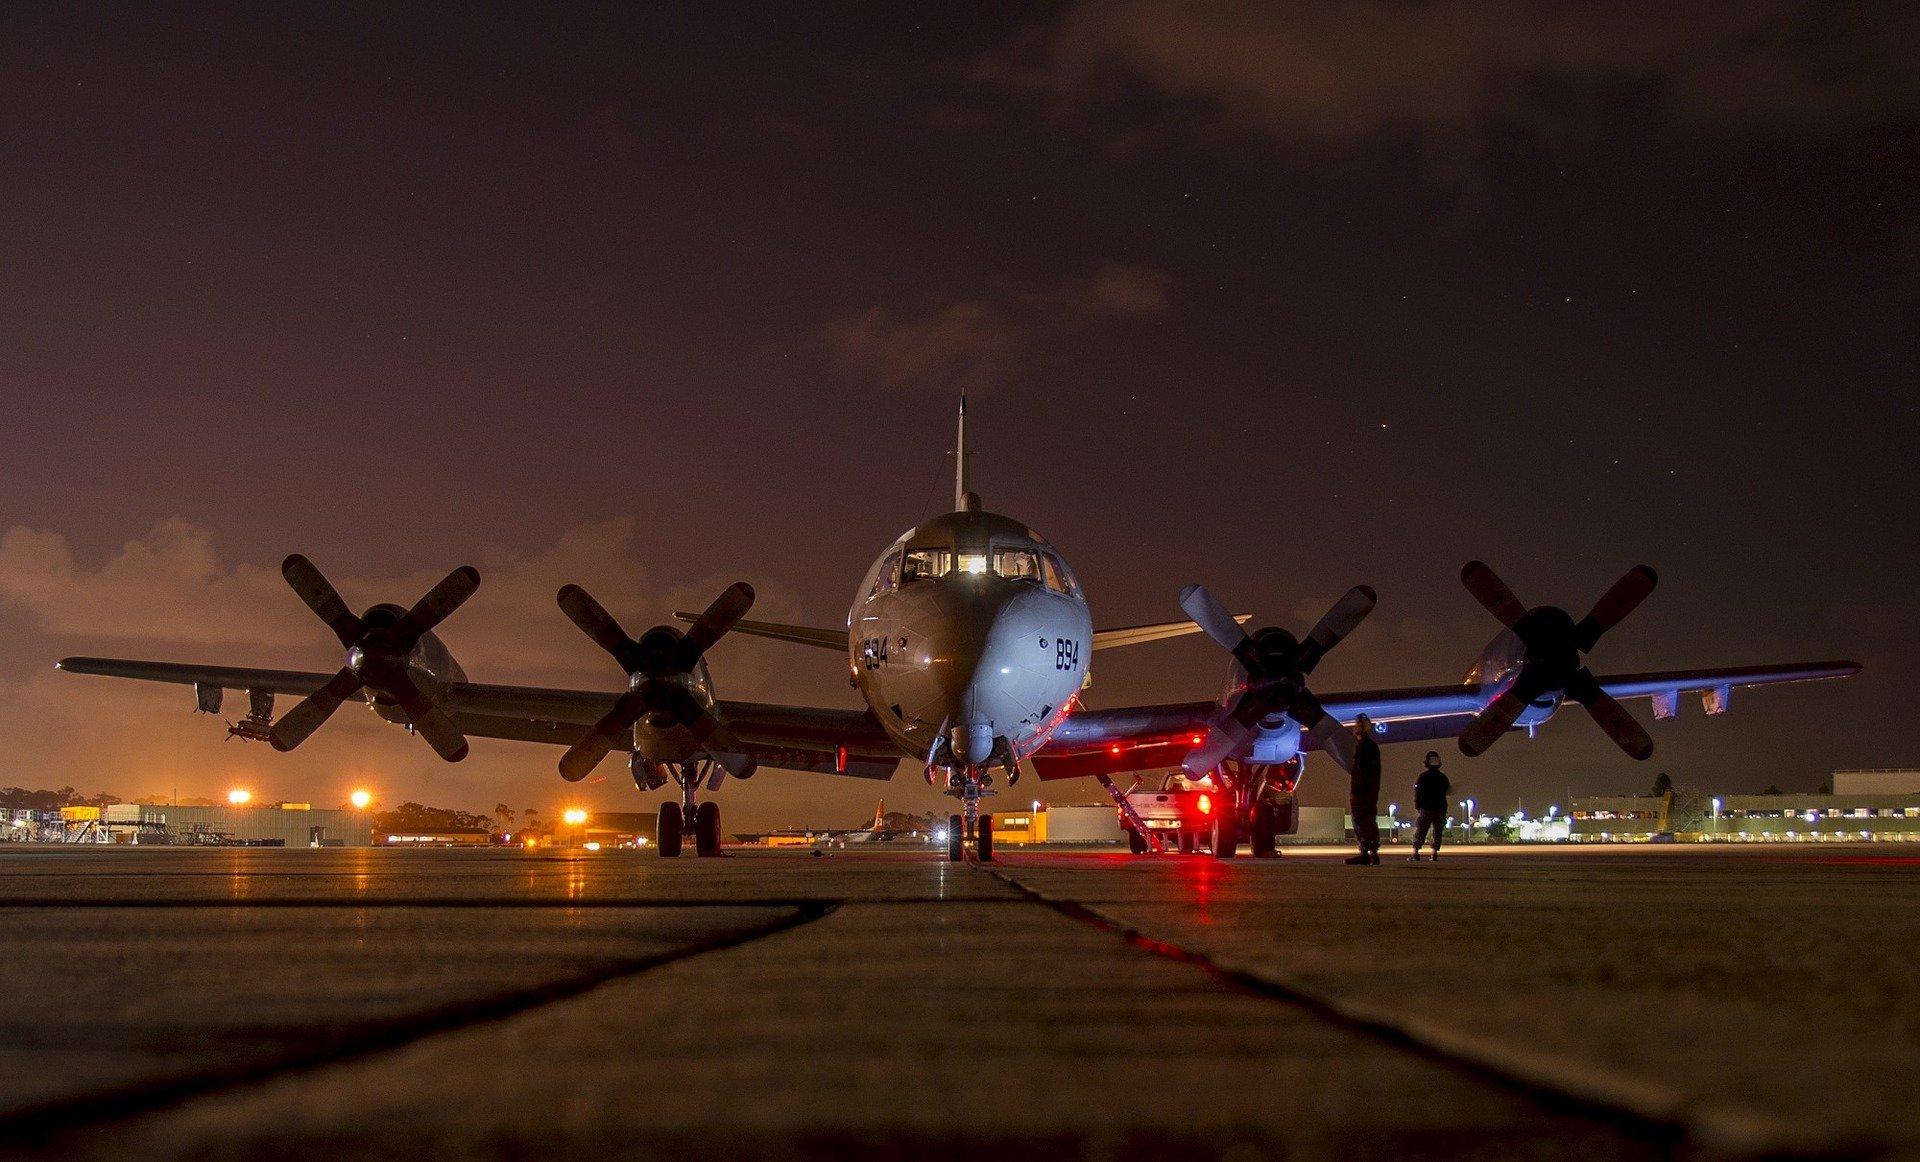 Lo studio legale acp si occupa della tutela dei passeggeri in caso di volo cancellato o in ritardo